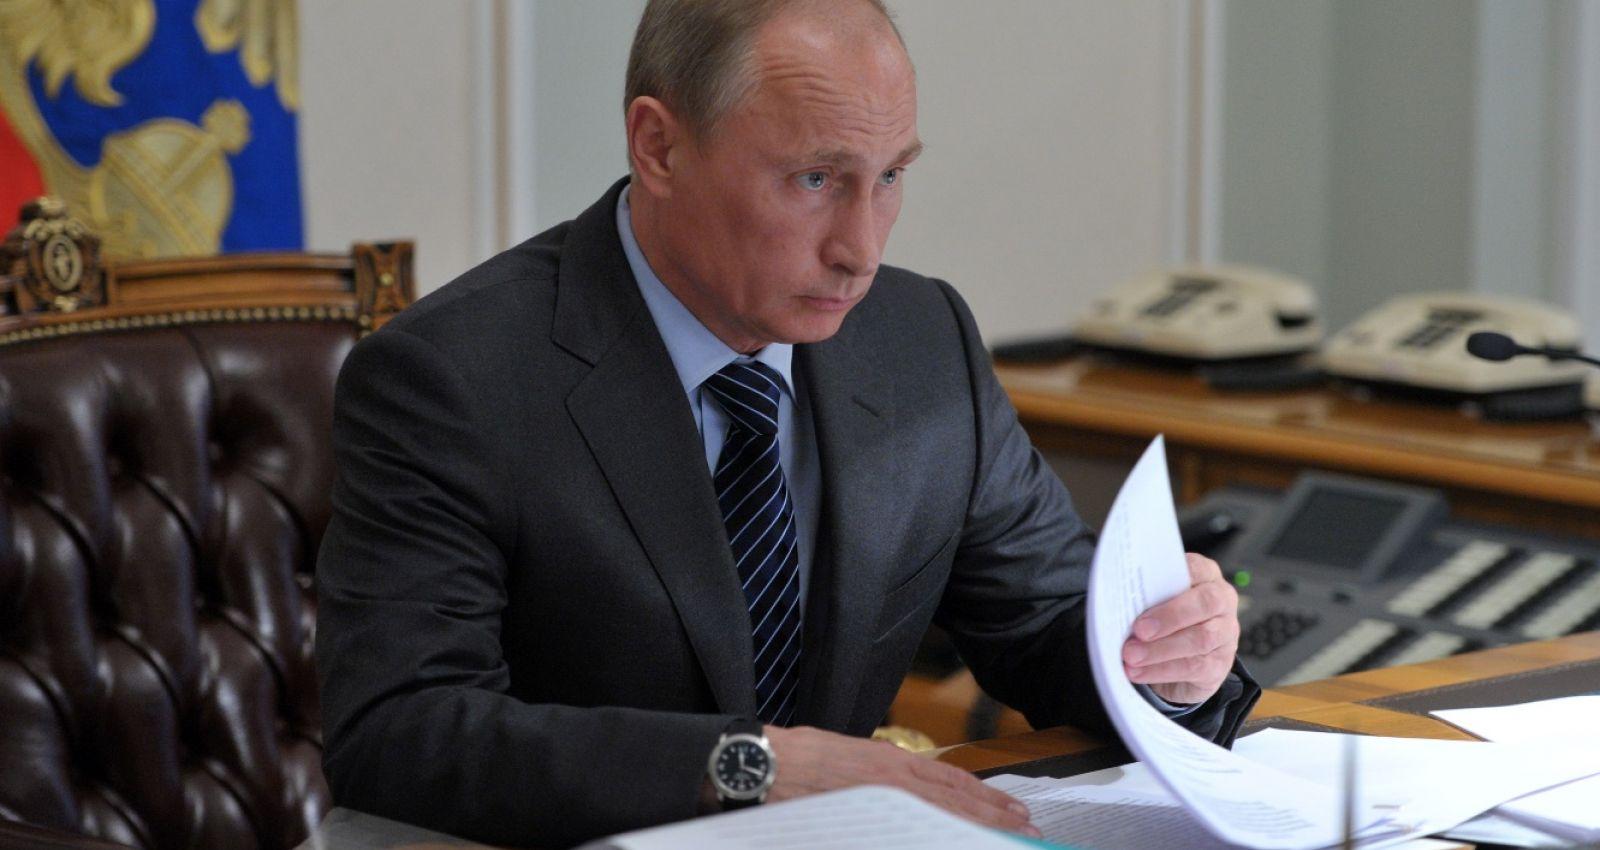 сергей кравцов ранее занимавший пост главы рособрнадзора карты деньги два ствола фильм 1998 актеры и роли